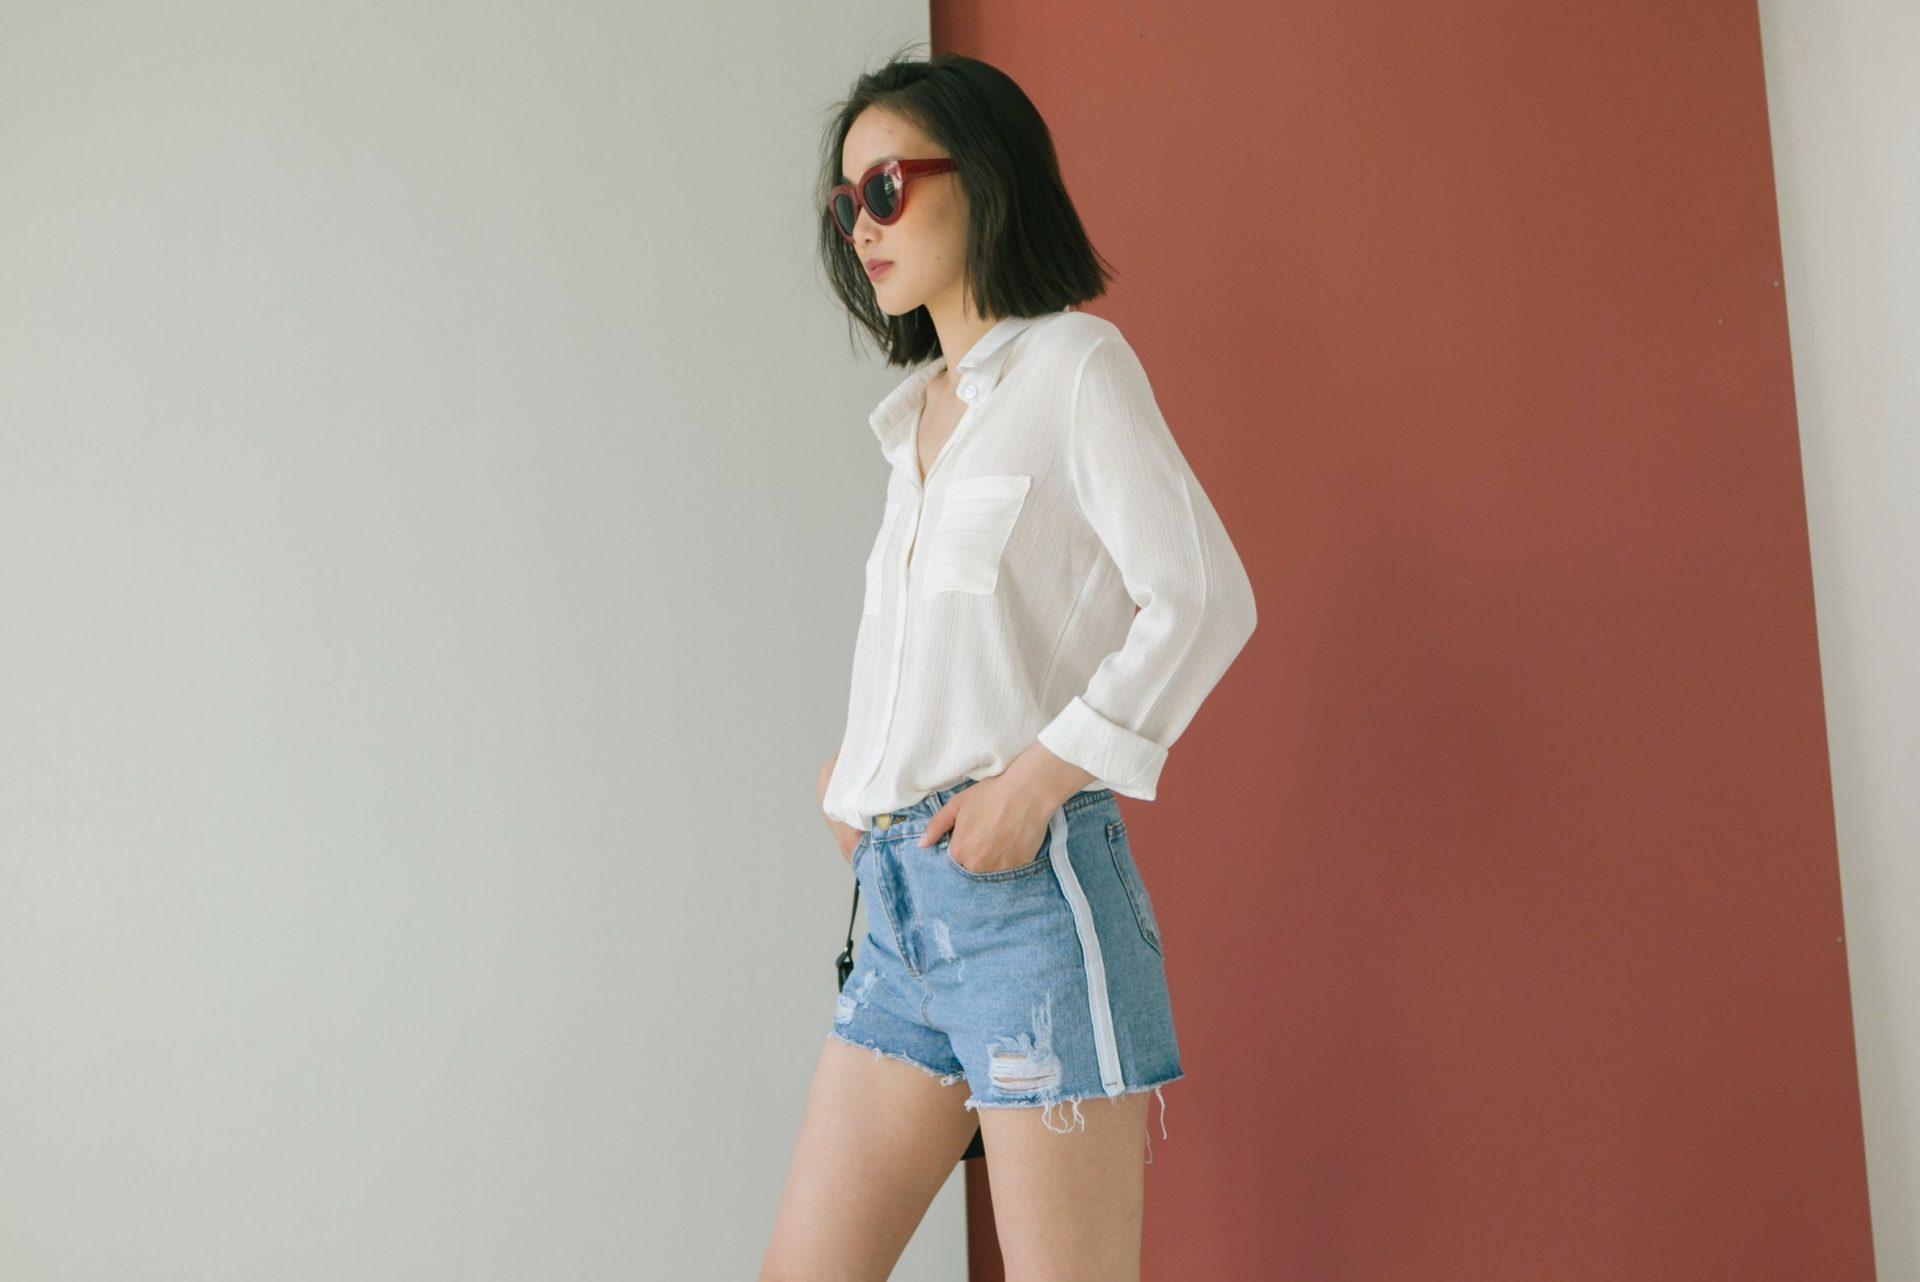 Camisa blanca con shorts y completado con gafas rojas